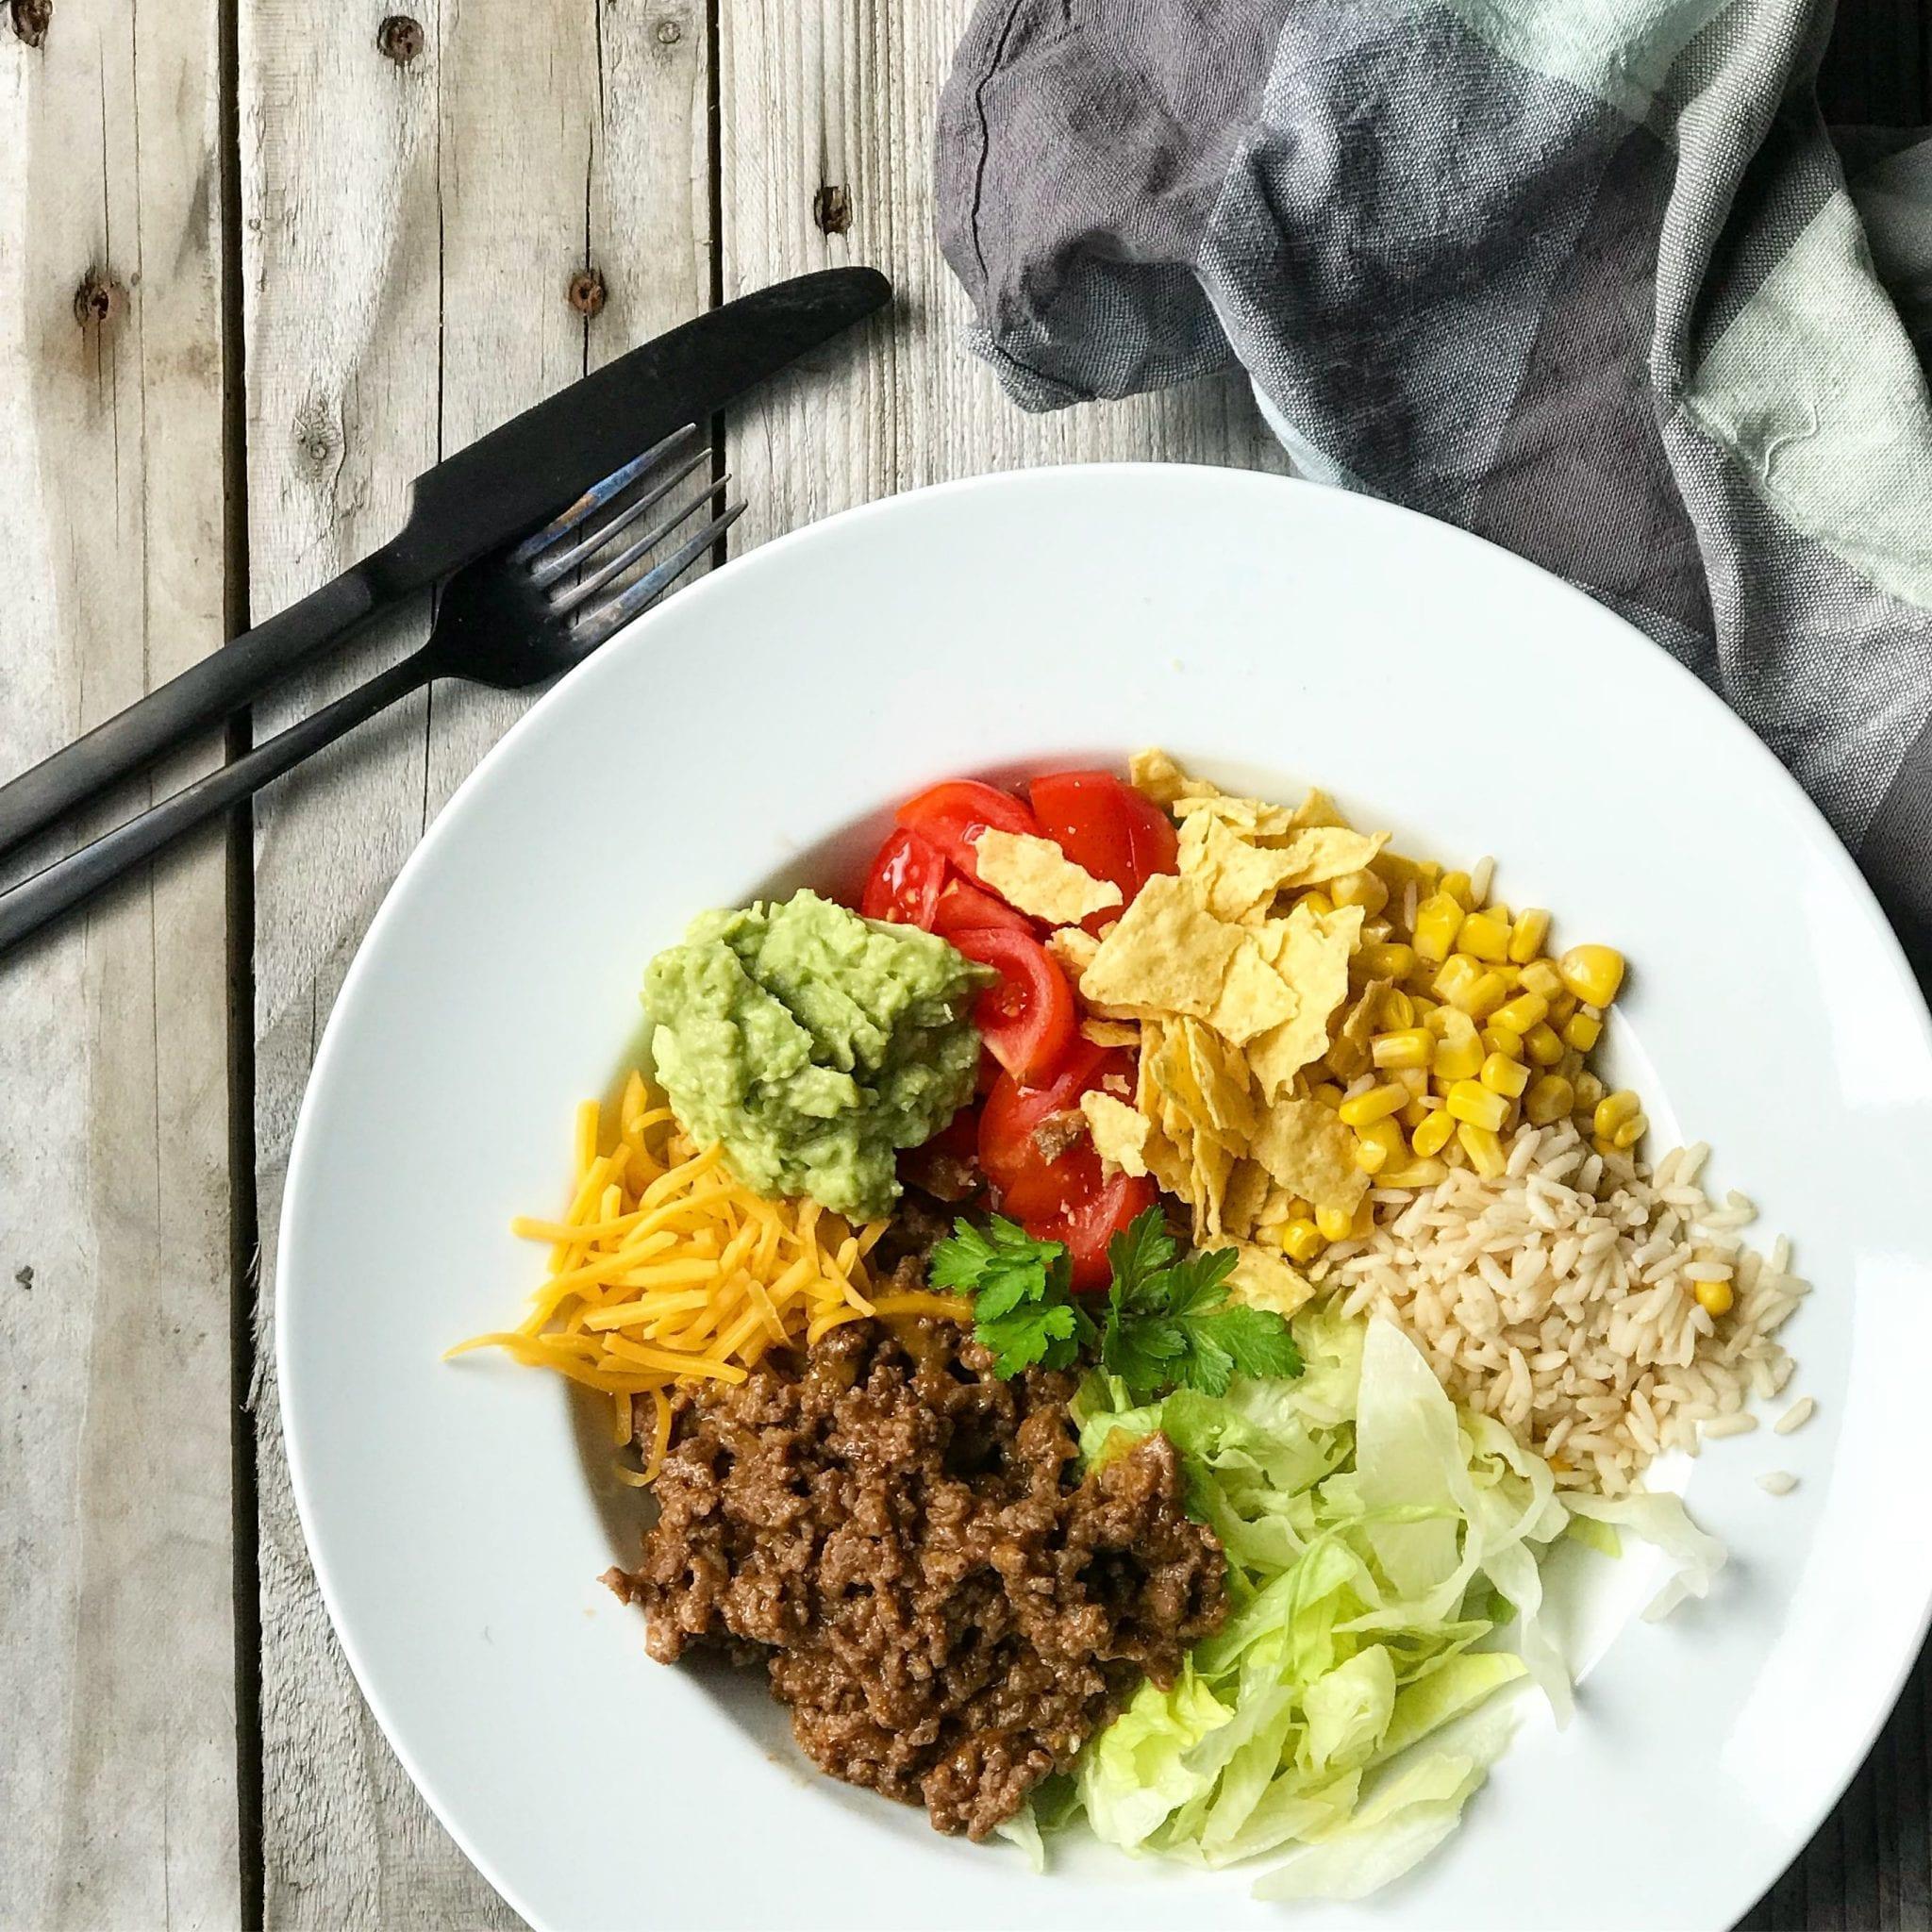 tacosalat Taco salat - den bedste salat hvis du elsker wraps